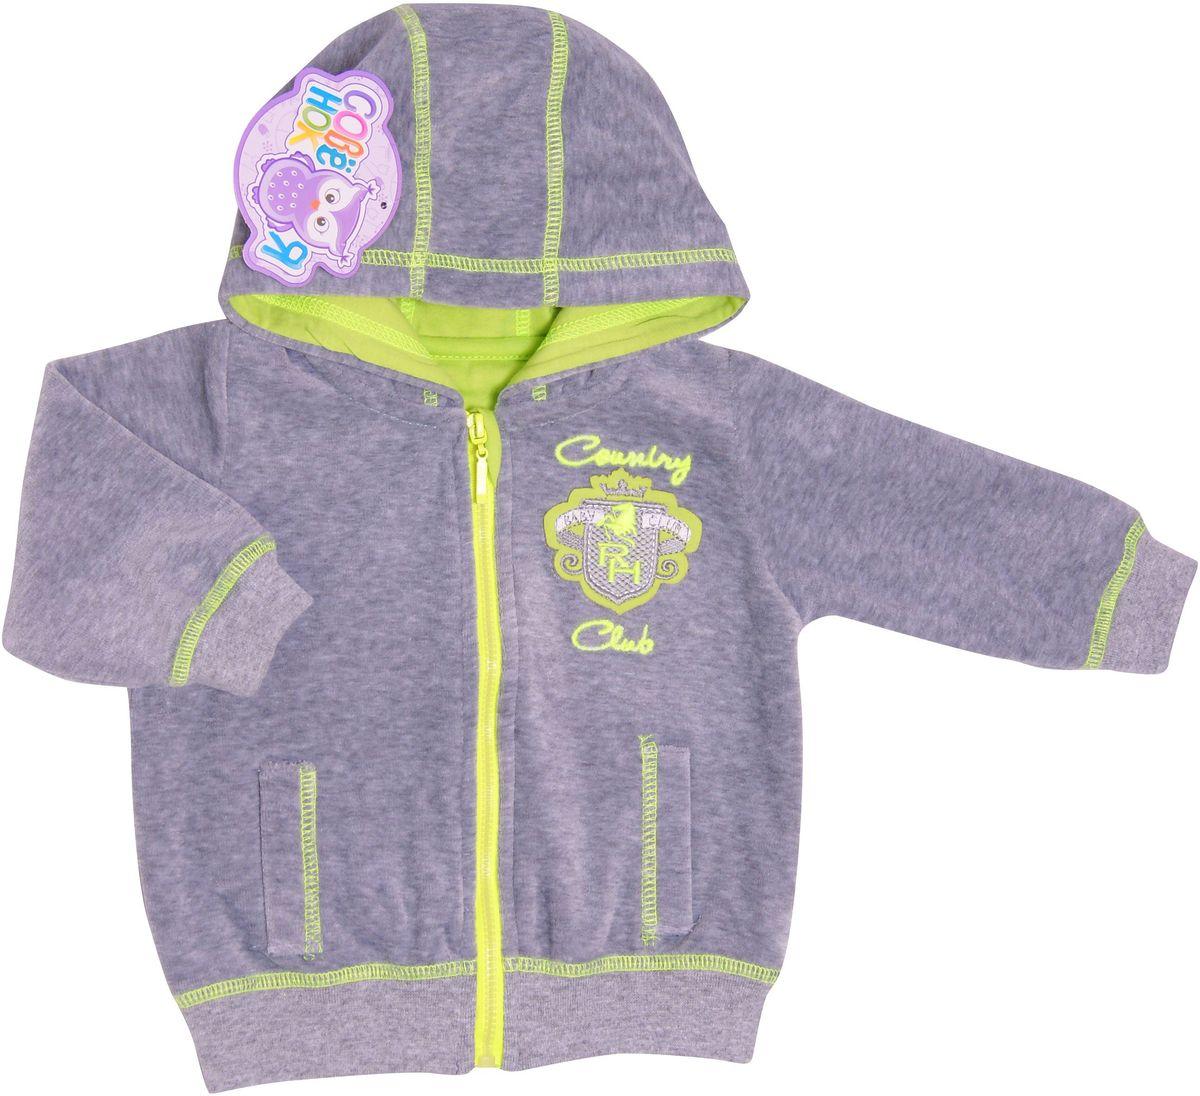 Куртка7-2019 ЗКуртка детская Неон изготовлена из велюра. Ткань мягкая, легкая и приятная на ощупь, плоские швы приятны телу и не препятствуют движениям. Модель снабжена застежкой-молнией, капюшоном и двумя кармашками. Манжеты рукавов и низ куртки дополнены эластичной резинкой. Модель украшена вышивкой на груди.